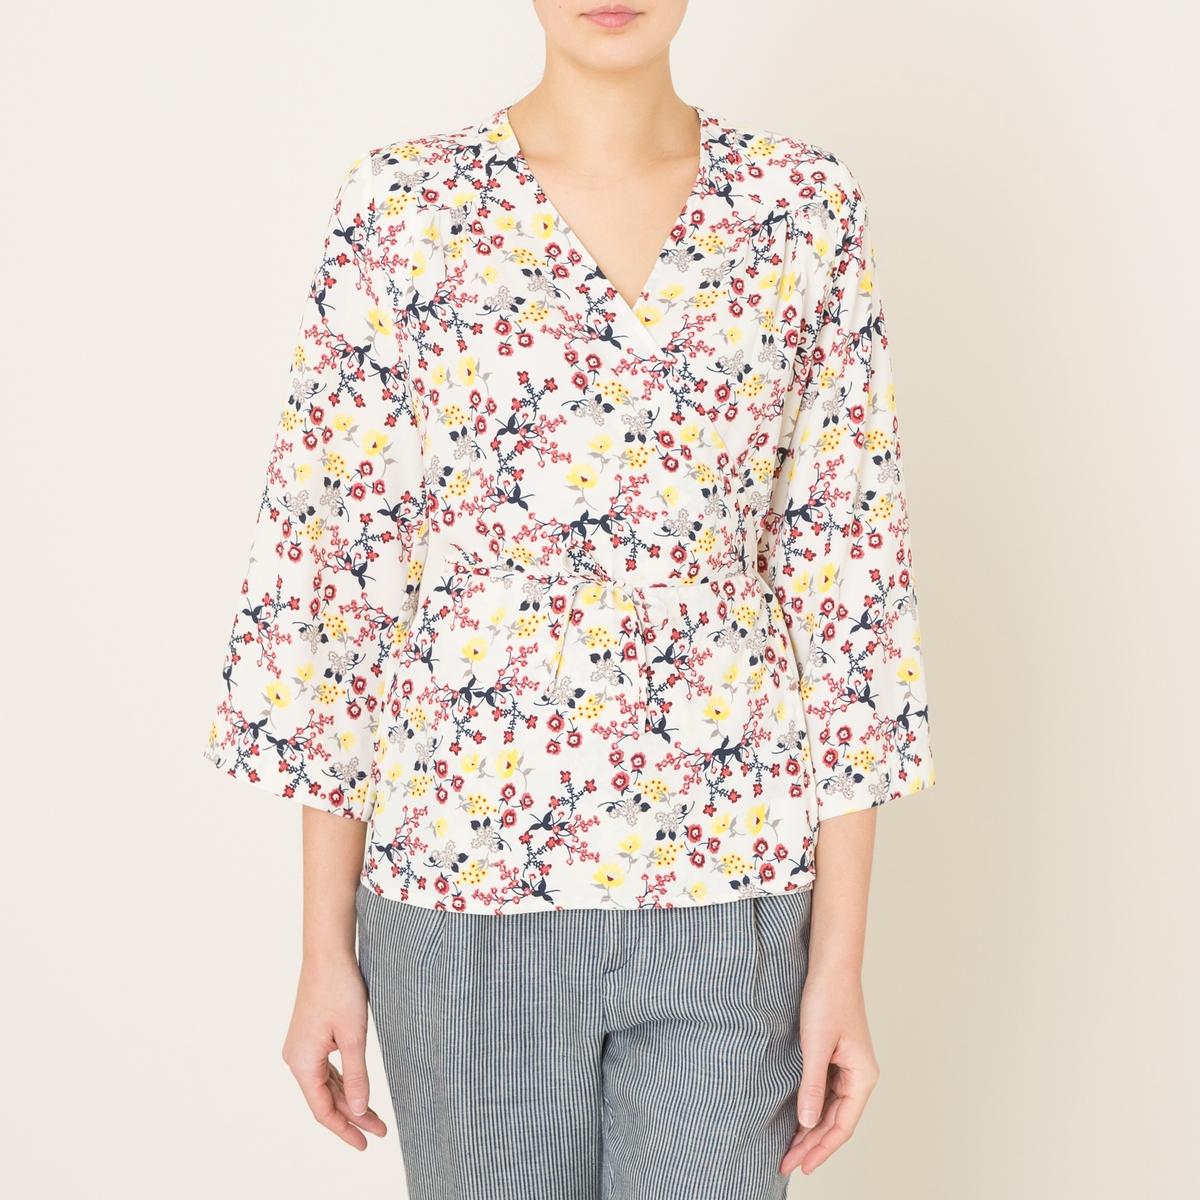 Блузка COLETTEБлузка LA BRAND BOUTIQUE - модель COLETTE с завязками в стиле кимоно, струящаяся ткань с принтом . Покрой с запахом и V-образный вырез  с завязками на поясе . Длинные широкие рукава. Вставка и складки на плечах .Состав и описание Материал : 100% полиэстерМарка : LA BRAND BOUTIQUE<br><br>Цвет: рисунок/экрю<br>Размер: M